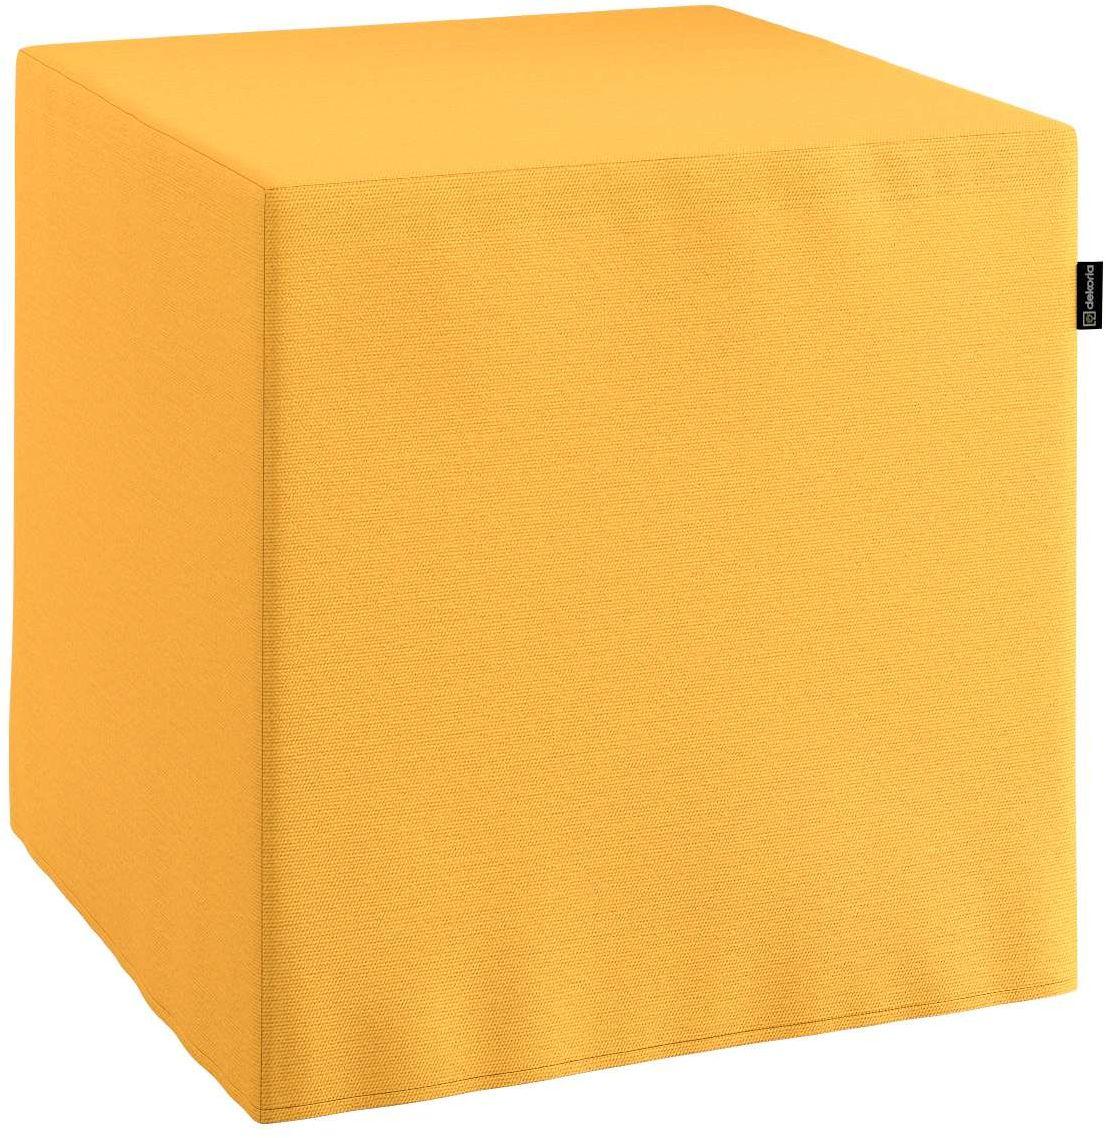 Pufa kostka, żółty, 40  40  40 cm, Loneta